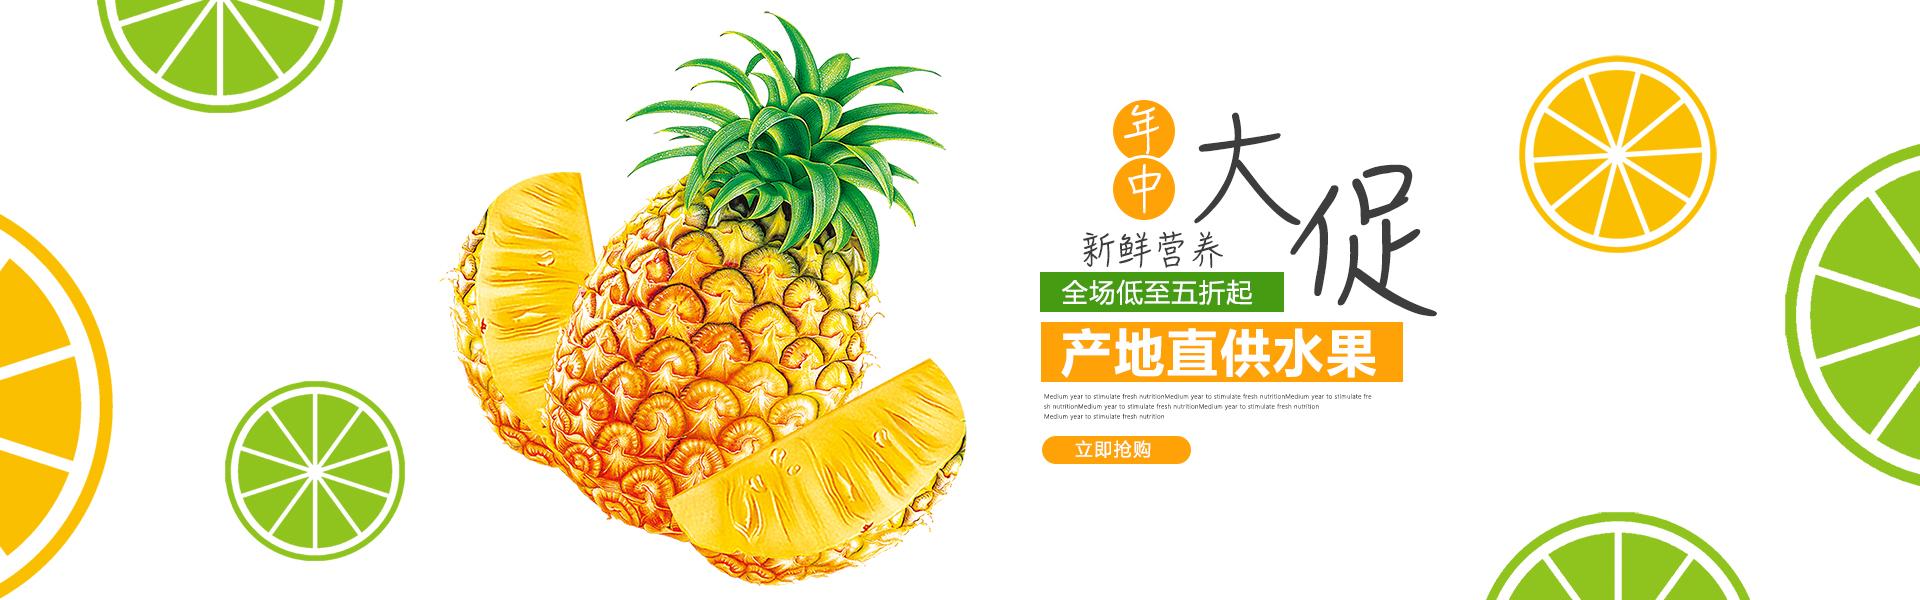 淘宝天猫水果全屏促销海报